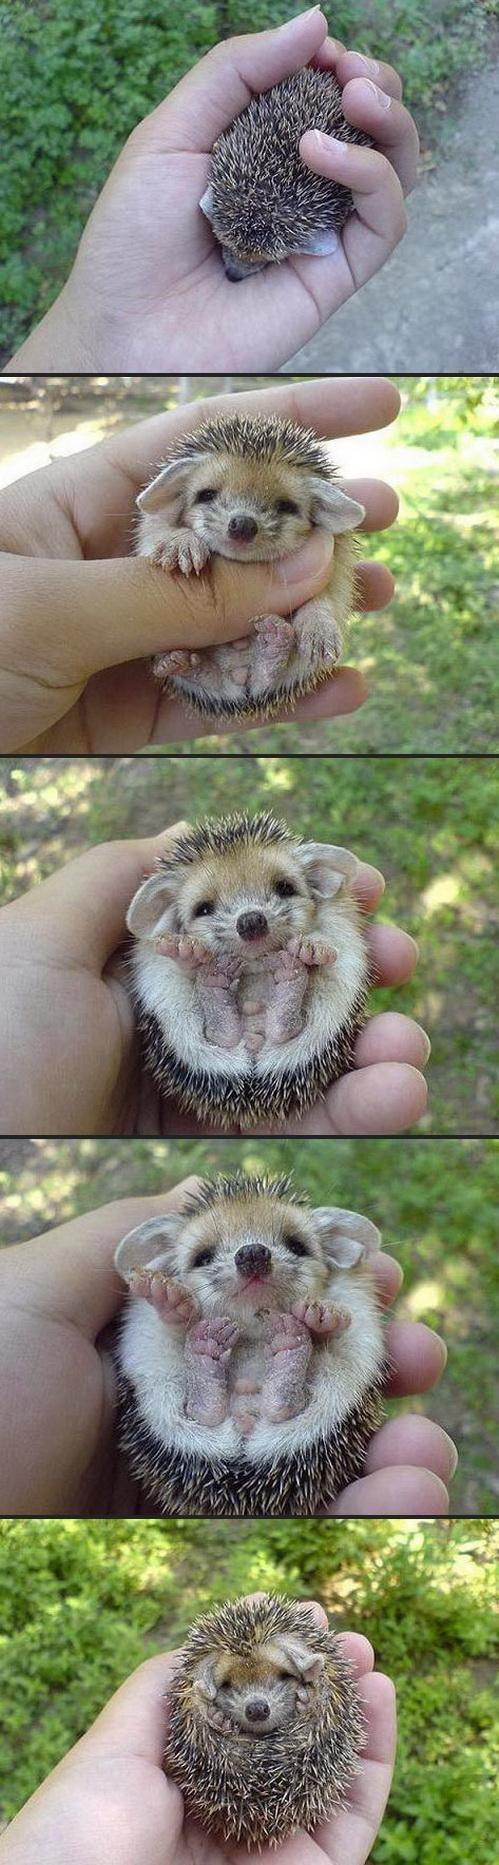 Hedgy the hog. Soooooooo adorable.. Funny how Sonic doesn't even look like a hedgehog.. O_o Hedgy the hog Soooooooo adorable Funny how Sonic doesn't even look like a hedgehog O_o